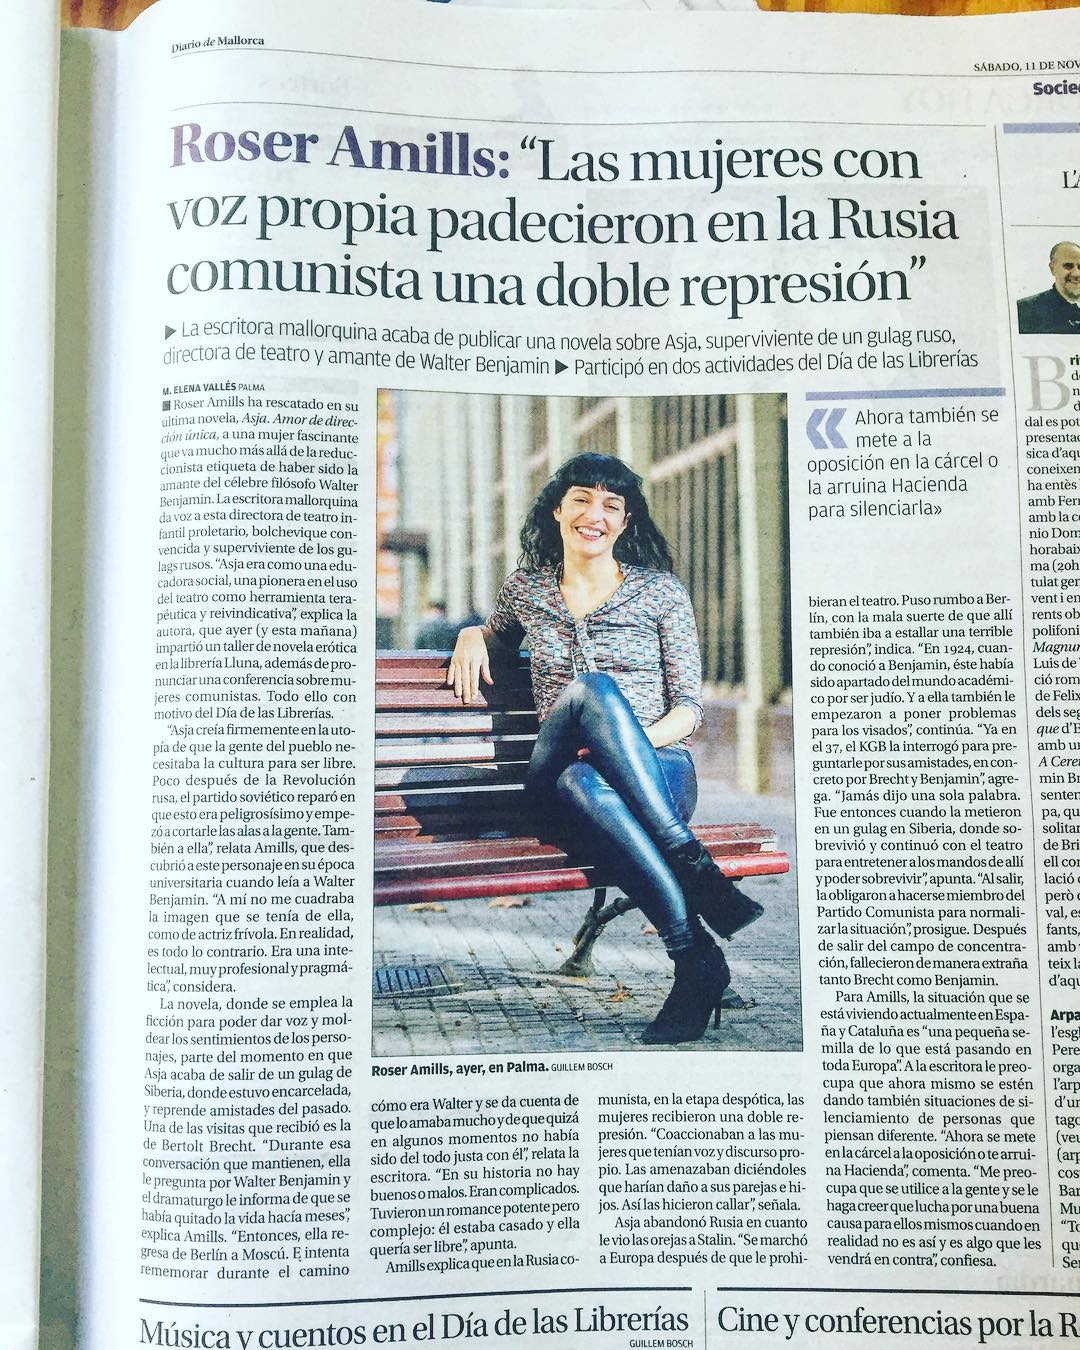 Desayunamos con @elena_valles ? Feliz sábado con @diariodemallorca y #asjalacis [y qué cómoda mi blusa de @snobiliaire #ropaparagentequelee ;)) ]